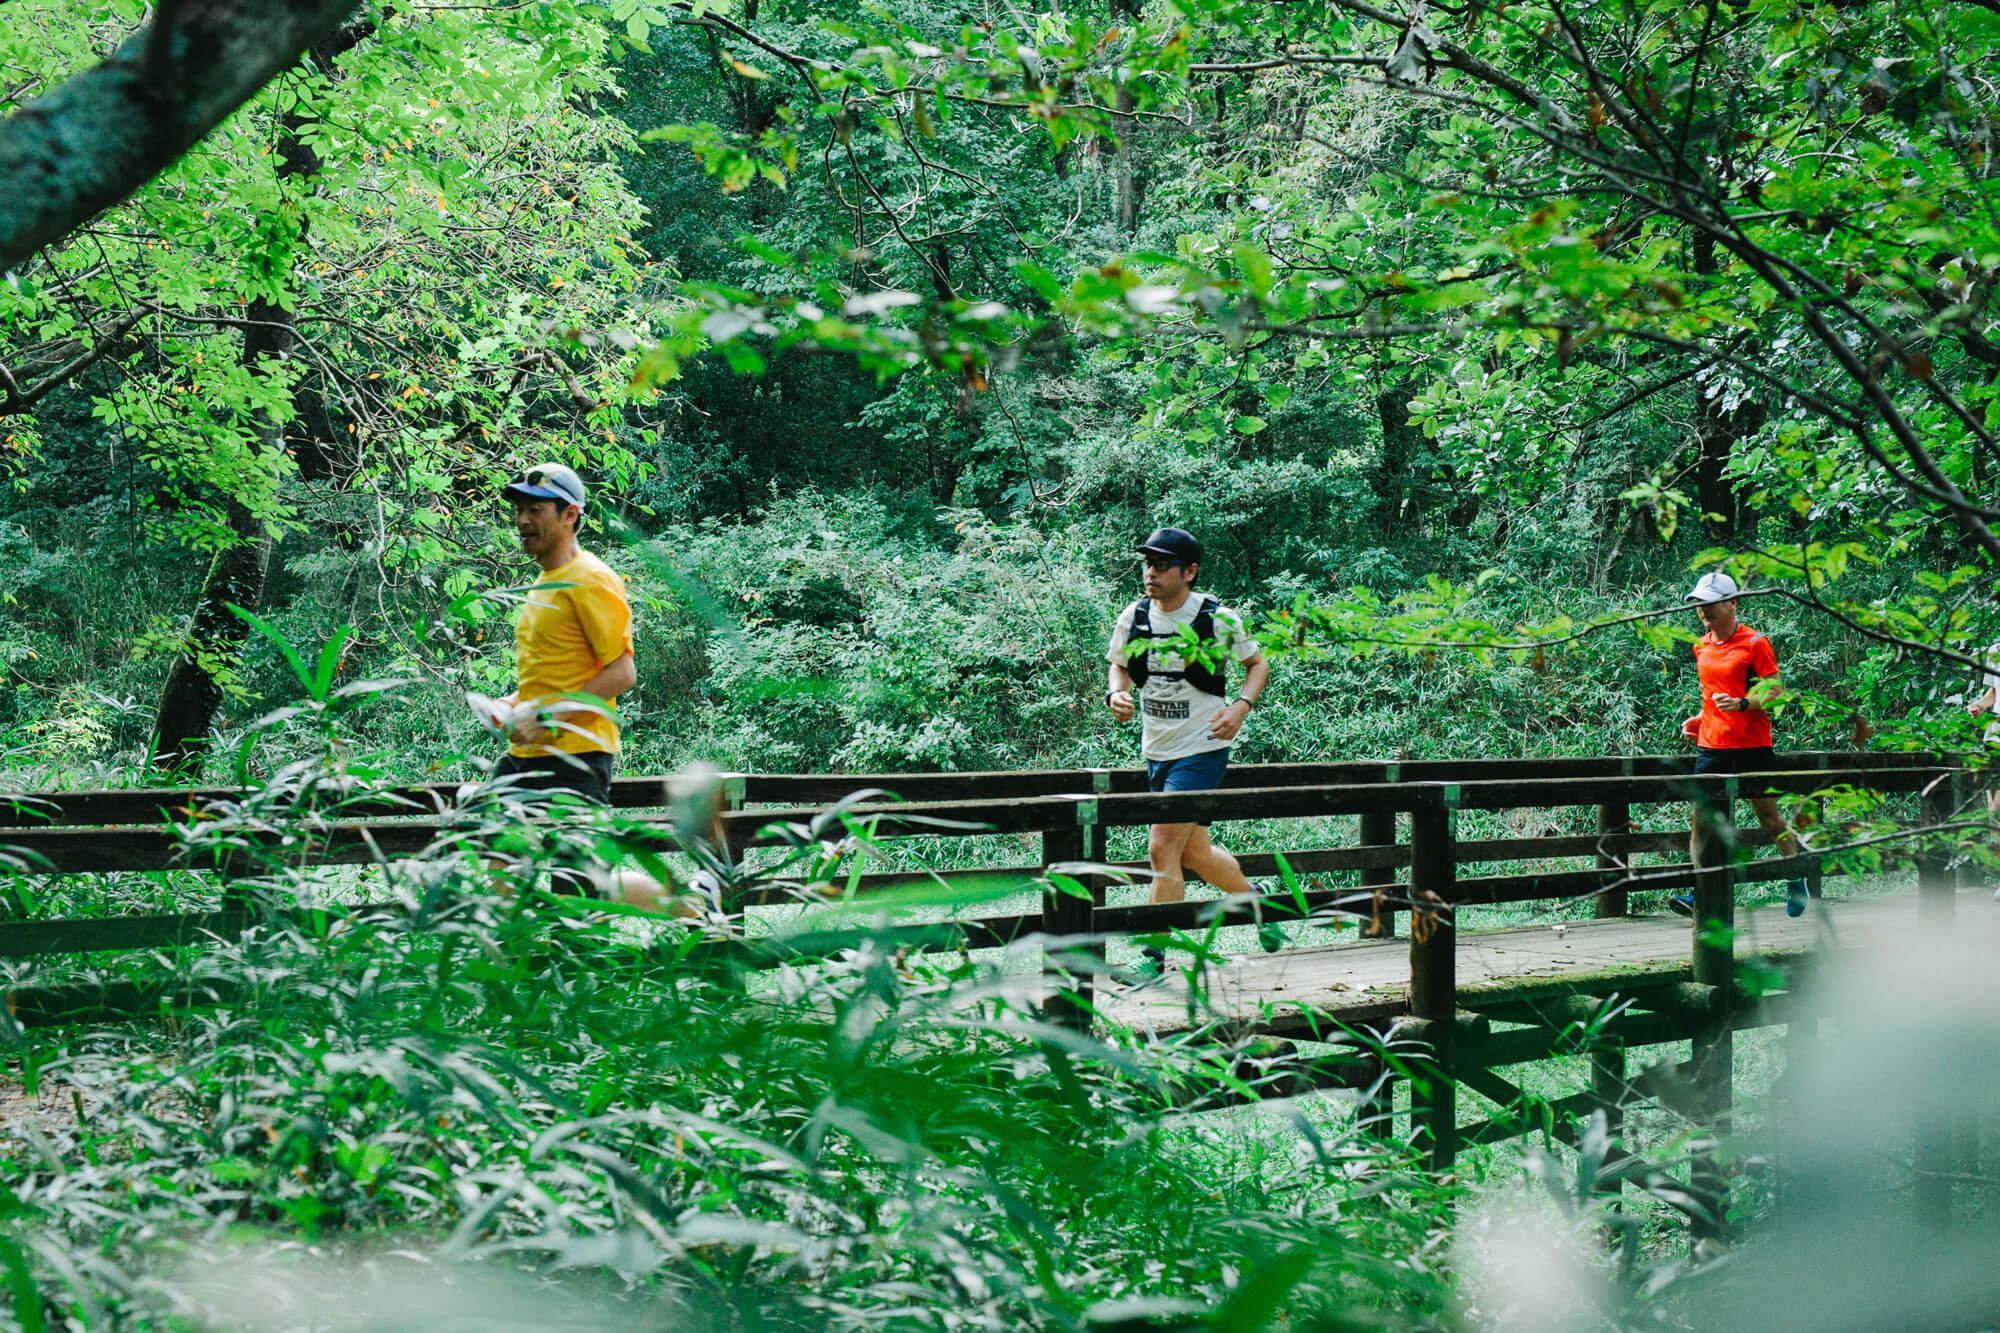 森の中の橋を走って渡る男性たち